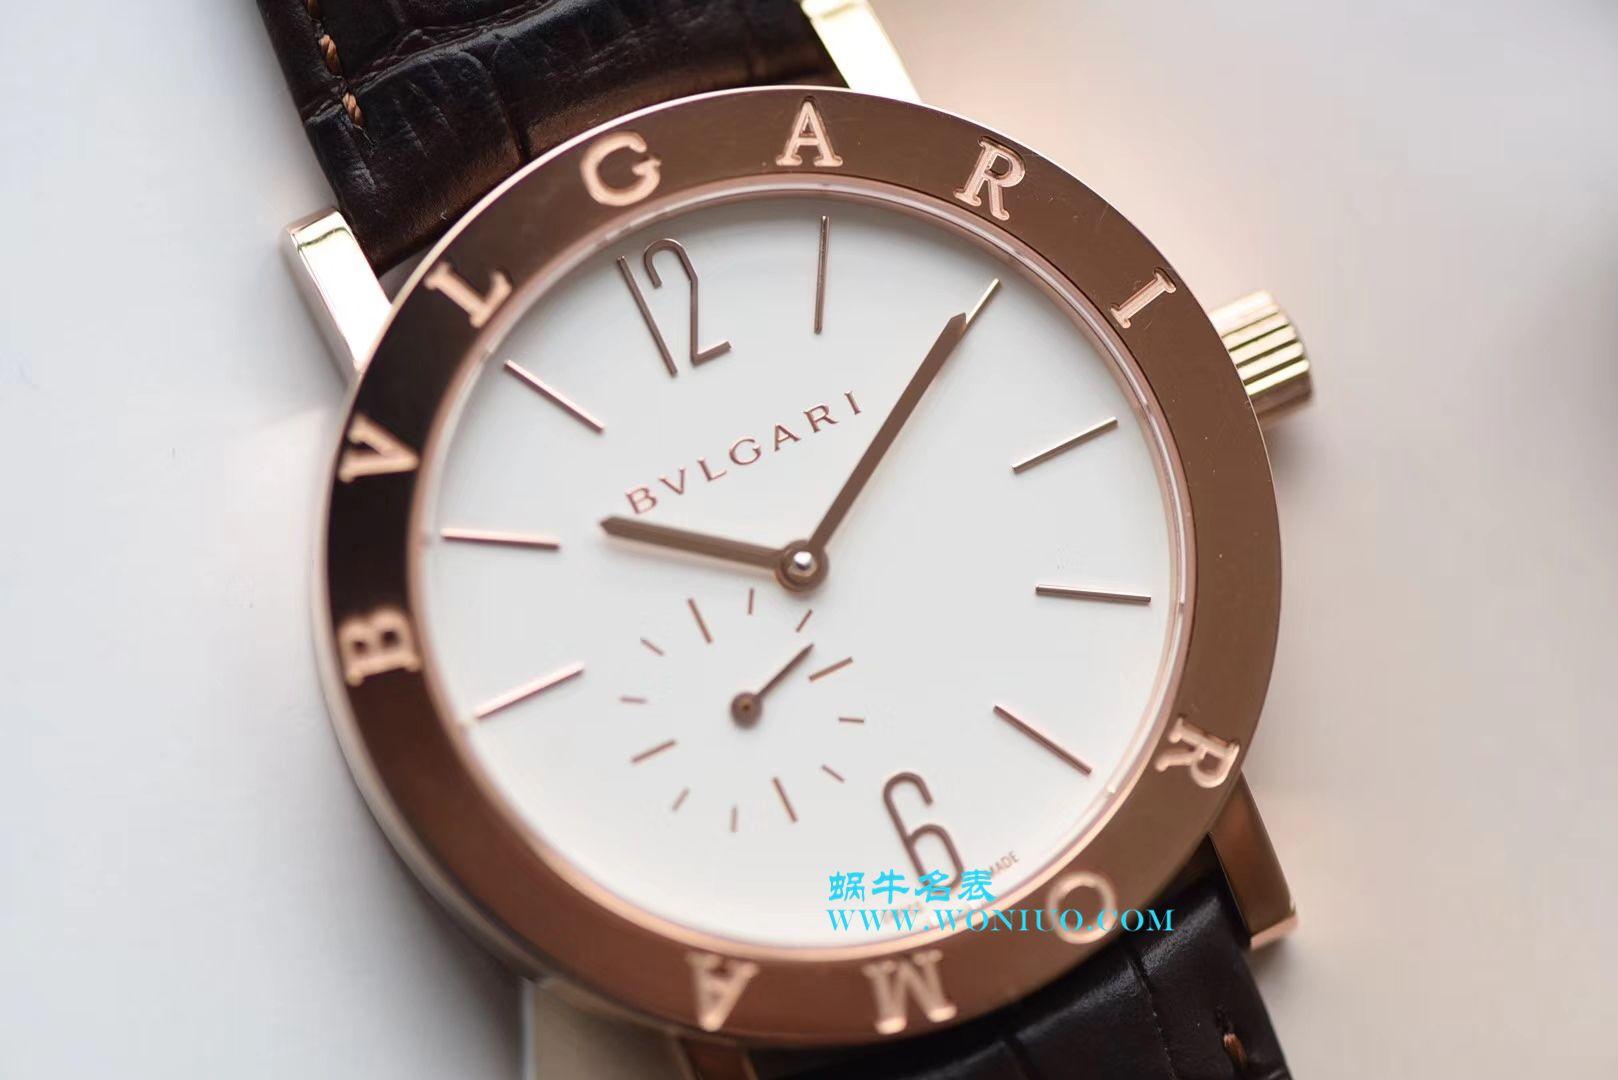 【台湾厂一比一超A高仿手表】宝格丽BVLGARI∙BVLGARI系列102358 BBP41WGLXT腕表